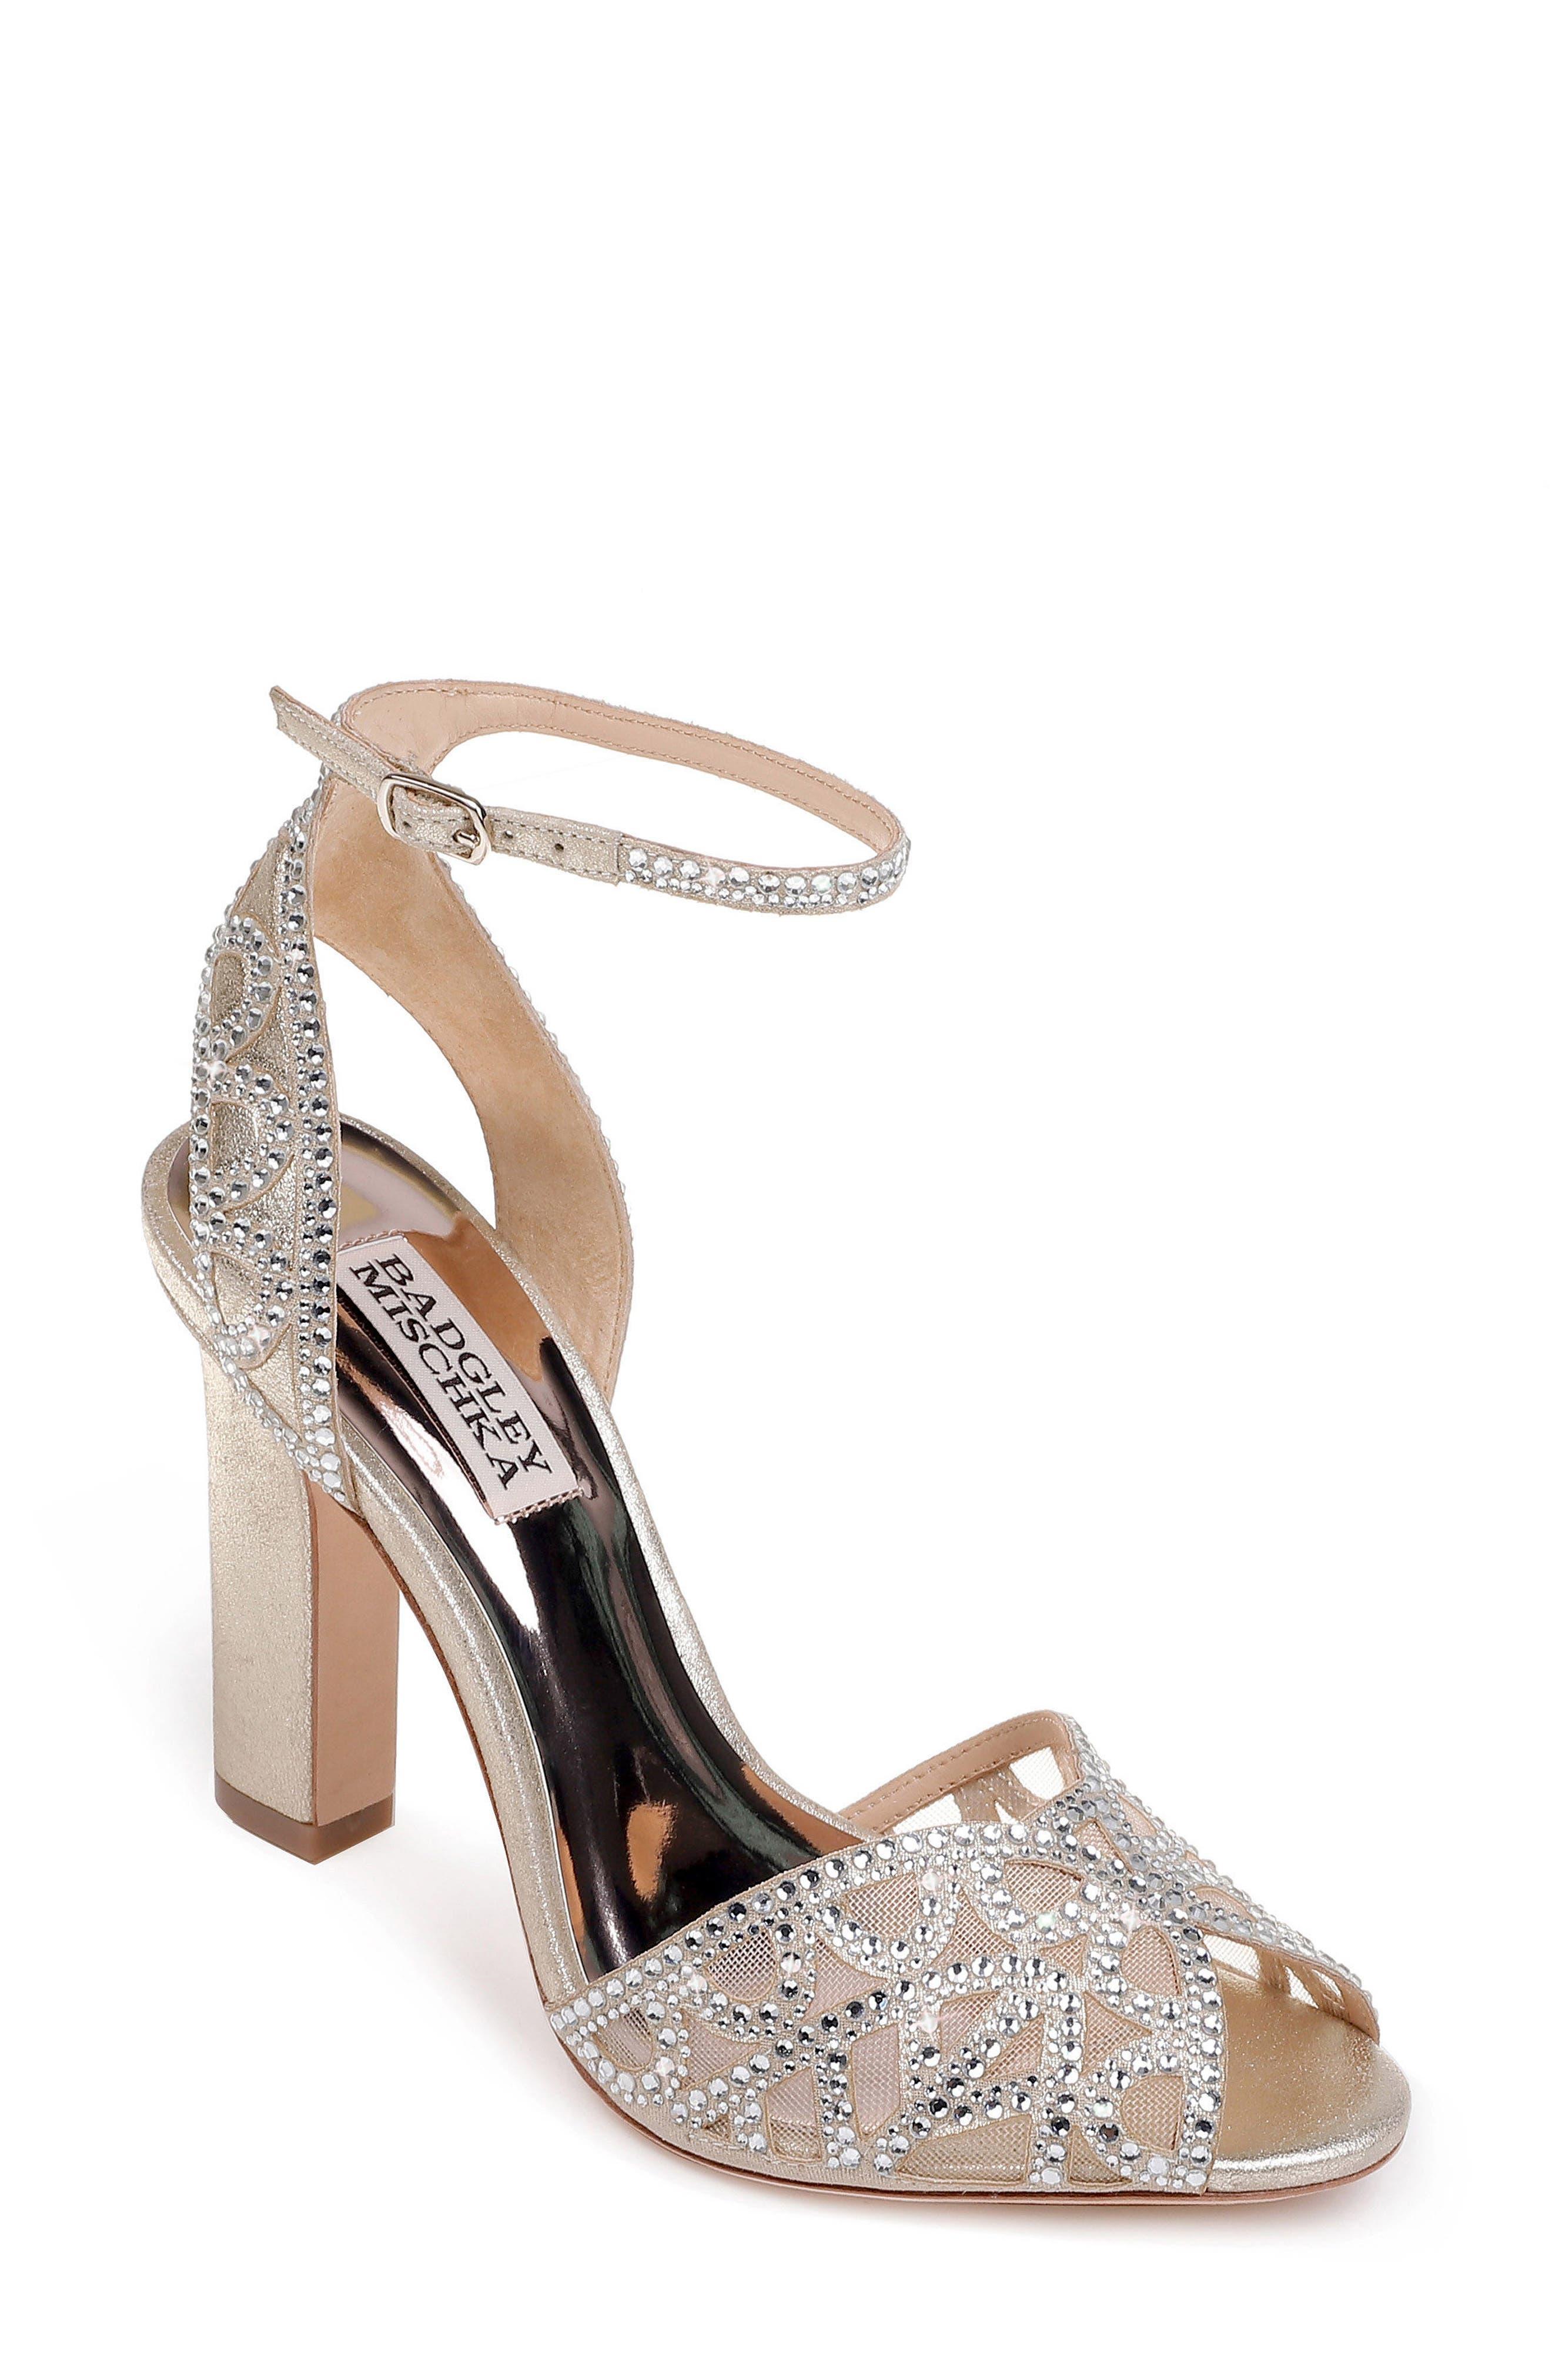 Badgley Mischka Hart Crystal Embellished Sandal,                         Main,                         color, 040